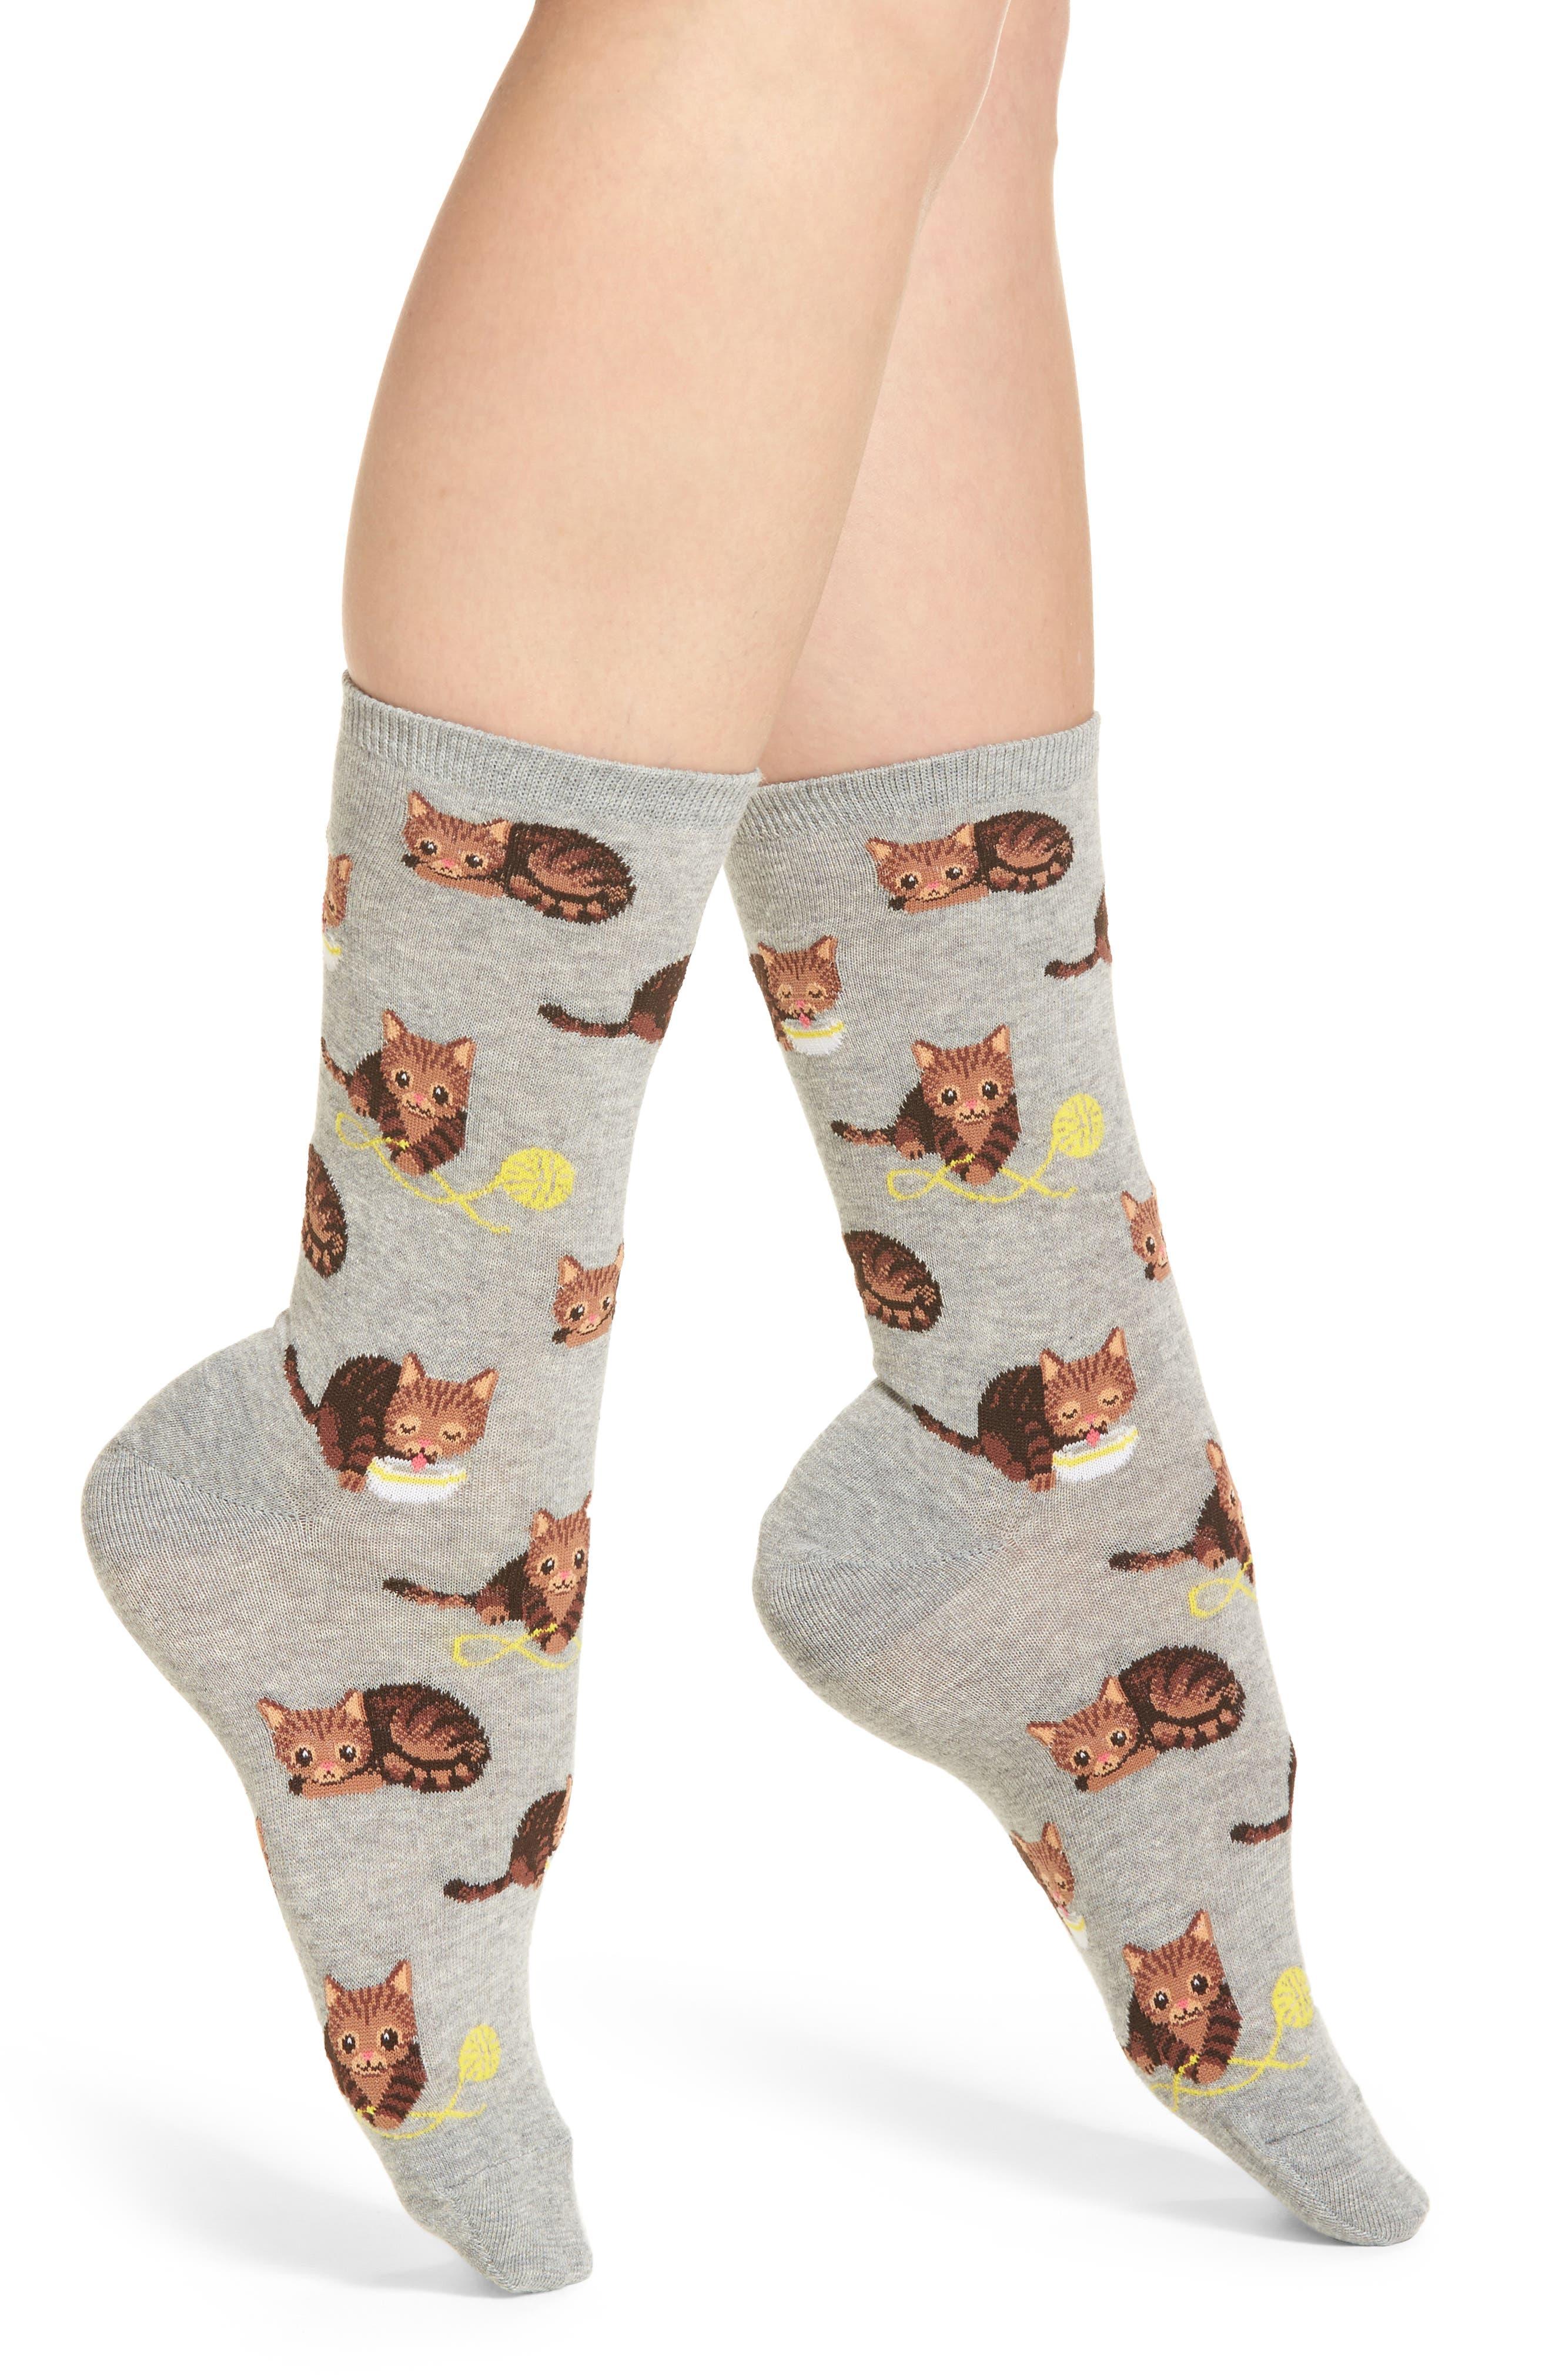 Cat & Yarn Crew Socks,                             Main thumbnail 1, color,                             051